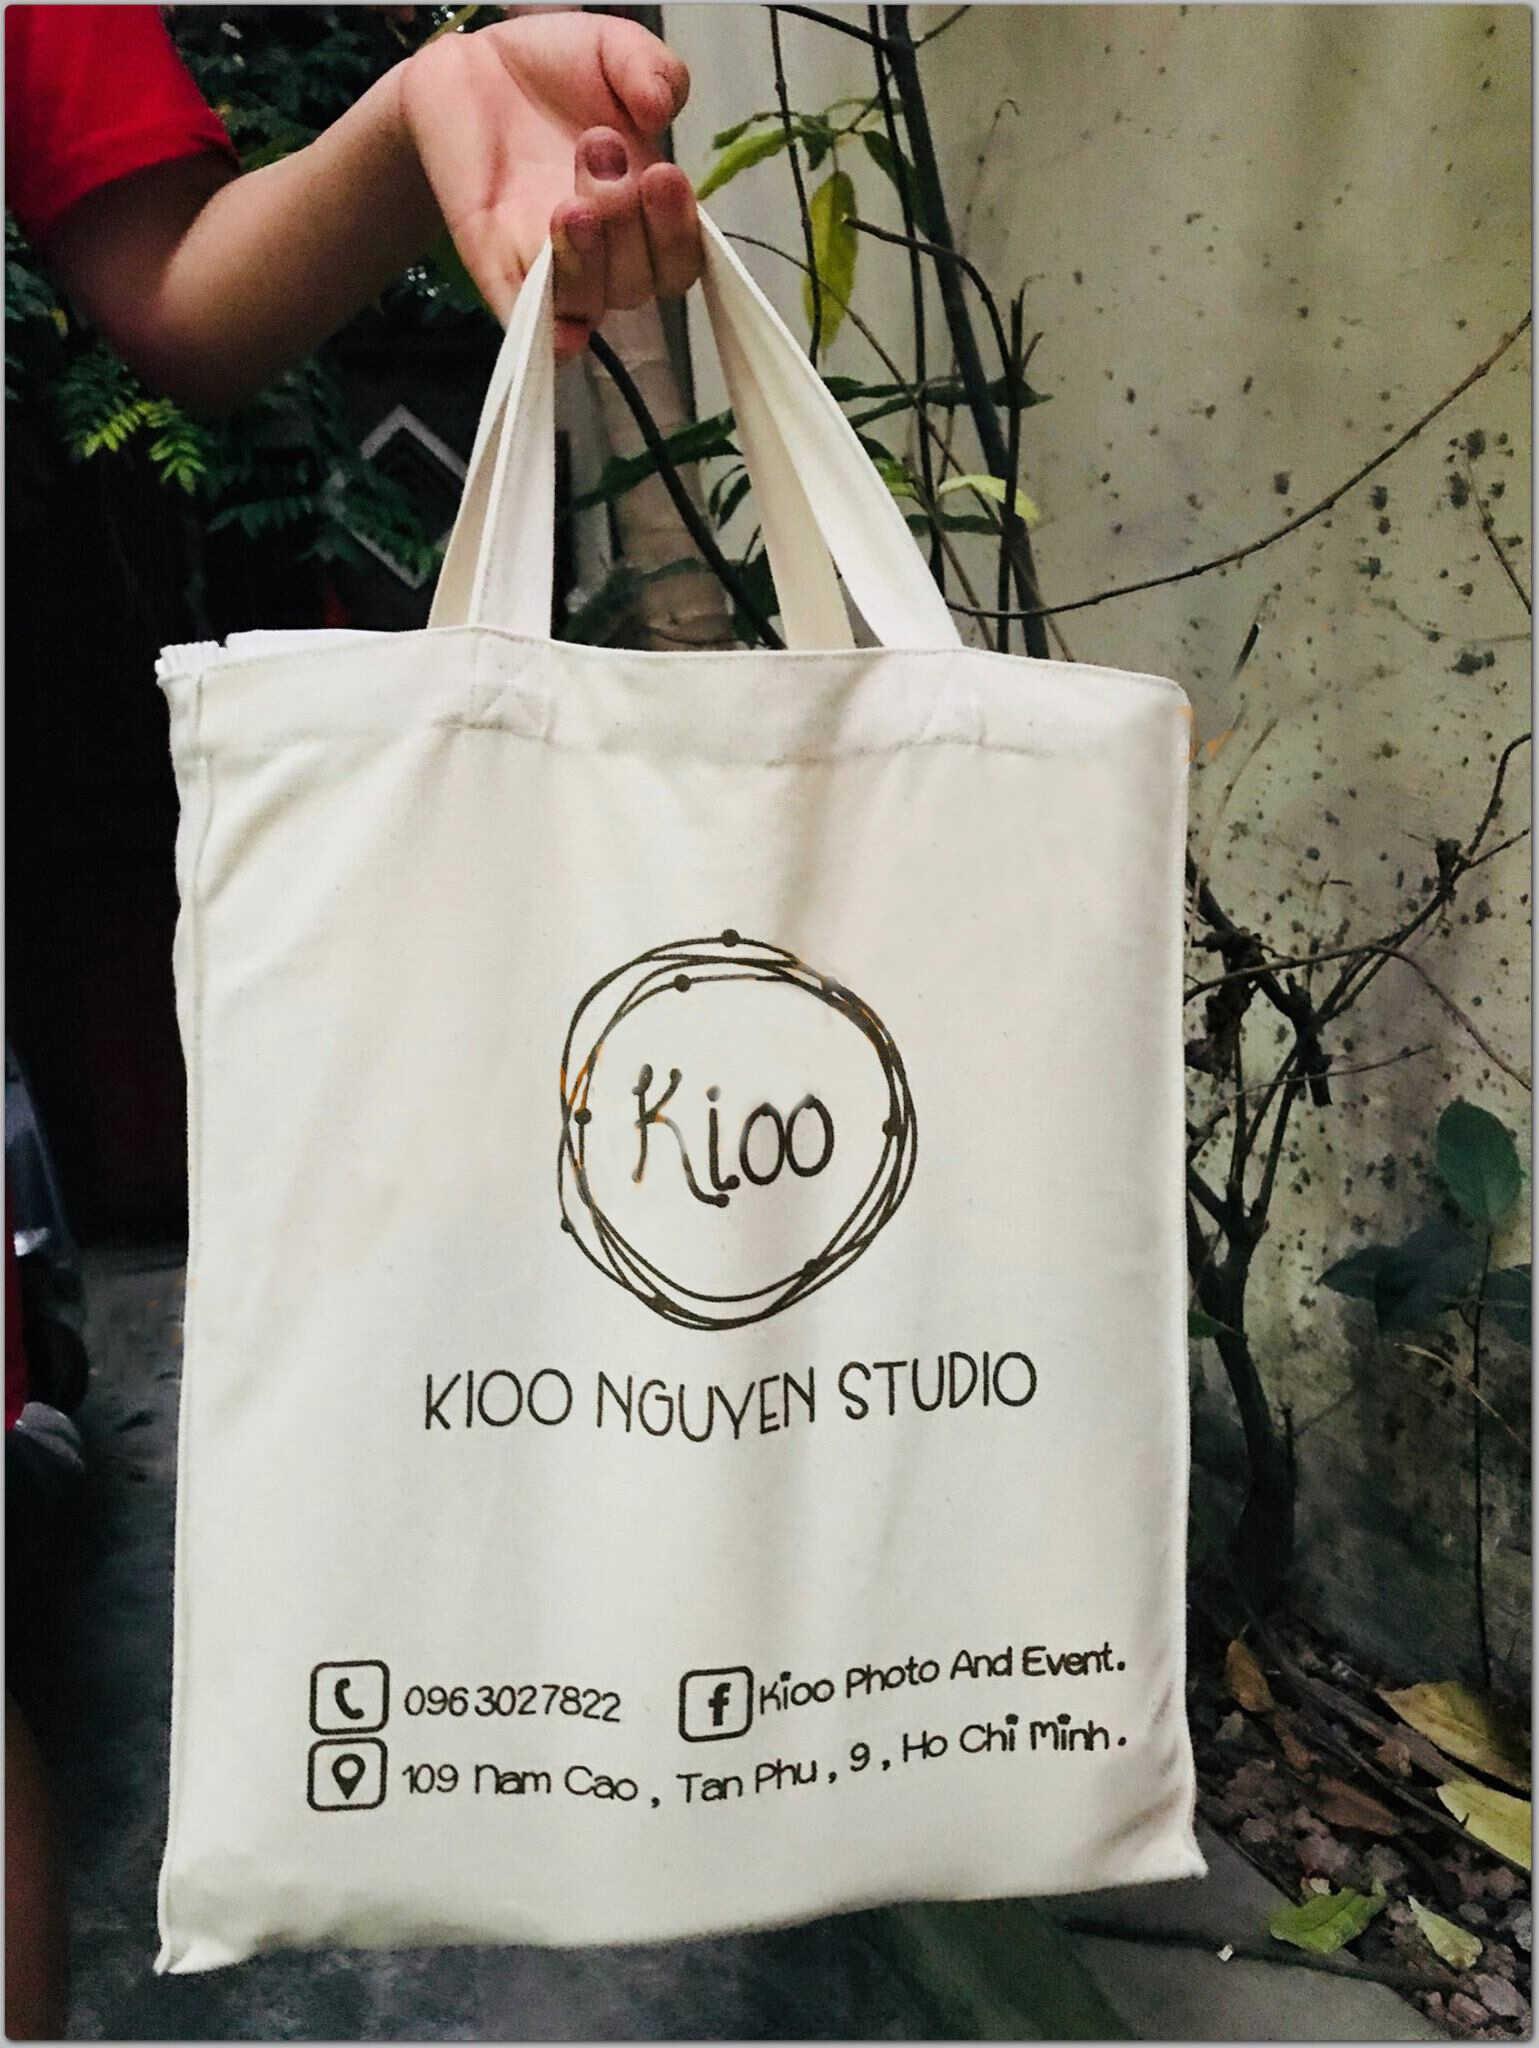 Công ty sản xuất túi vải Trí Việt- đảm bảo chất lượng. giá cả cạnh tranh, dịch vụ khách hàng tốt nhất